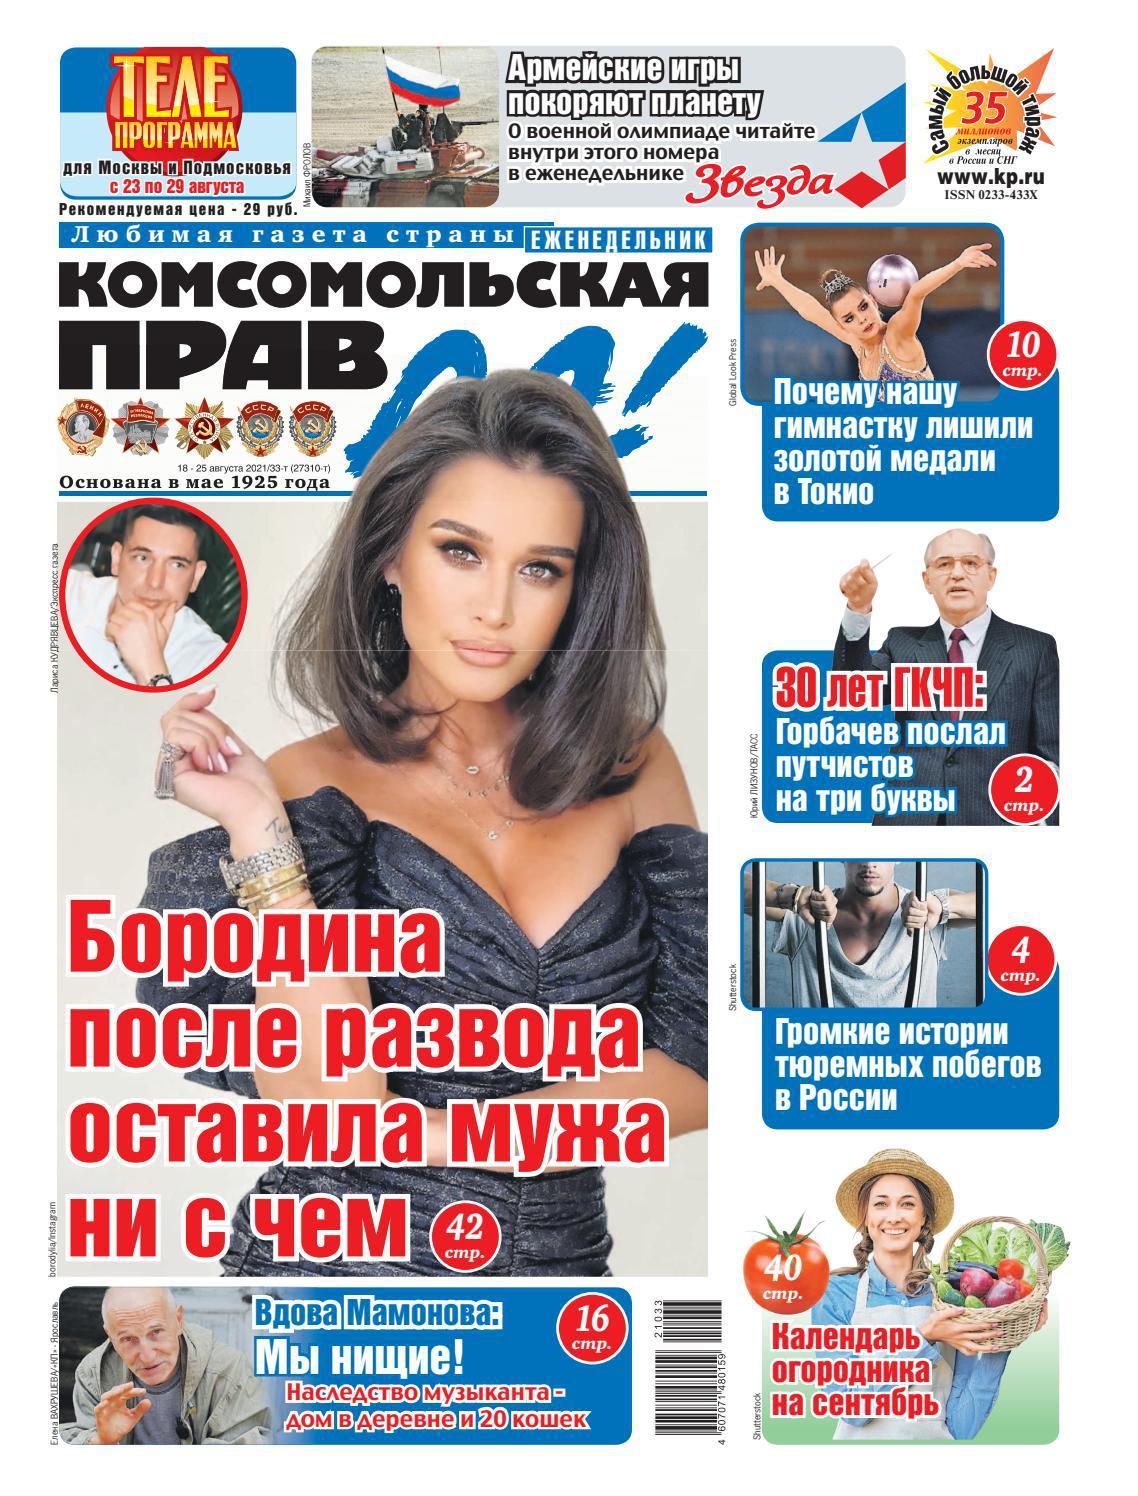 Комсомольская правда №33, август 2021